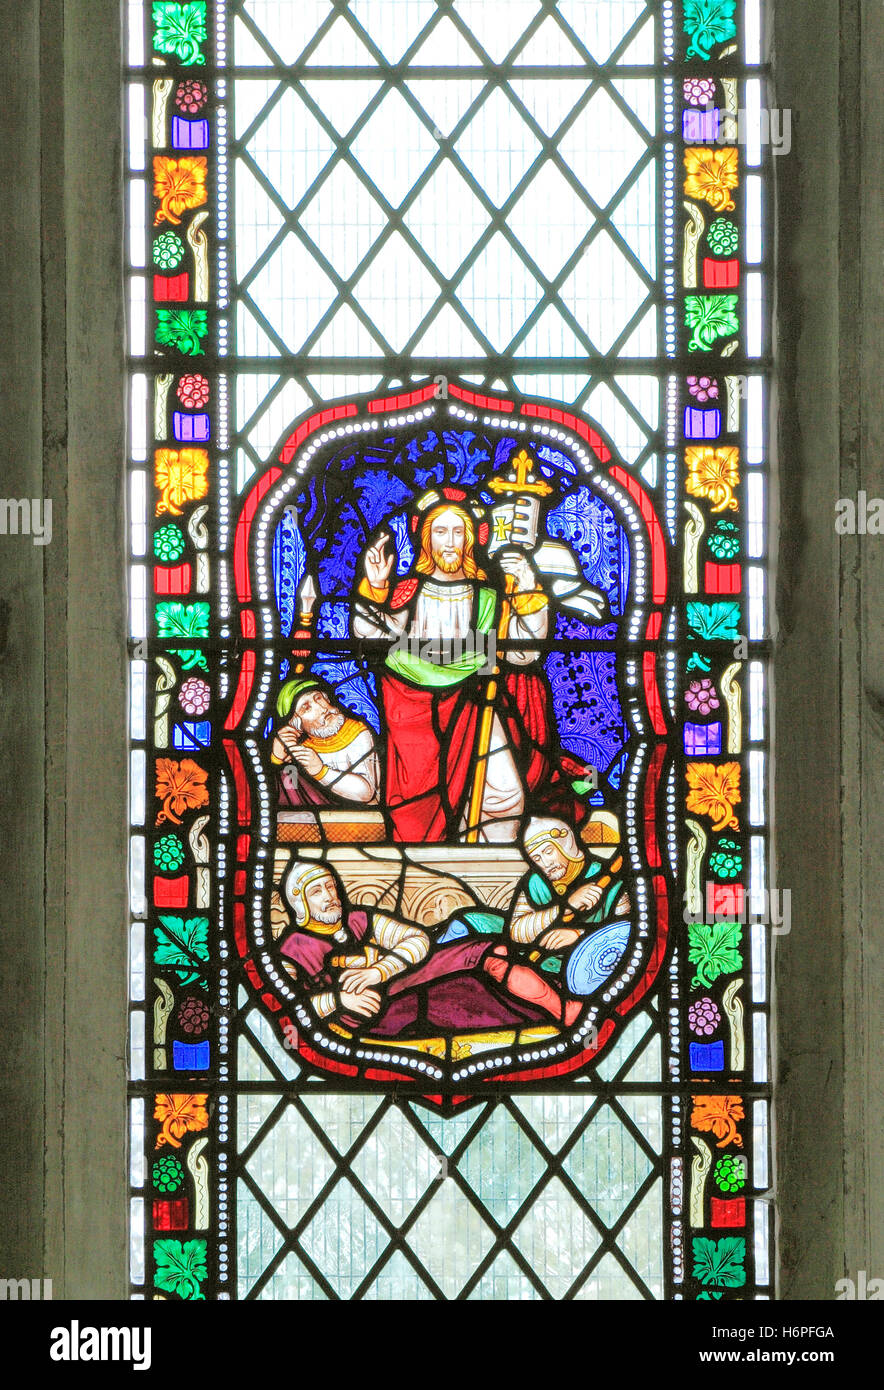 La résurrection de Jésus Christ, les gardes romains, vitrail, 1860, Fakenham, Norfolk, Angleterre Victorienne, Photo Stock